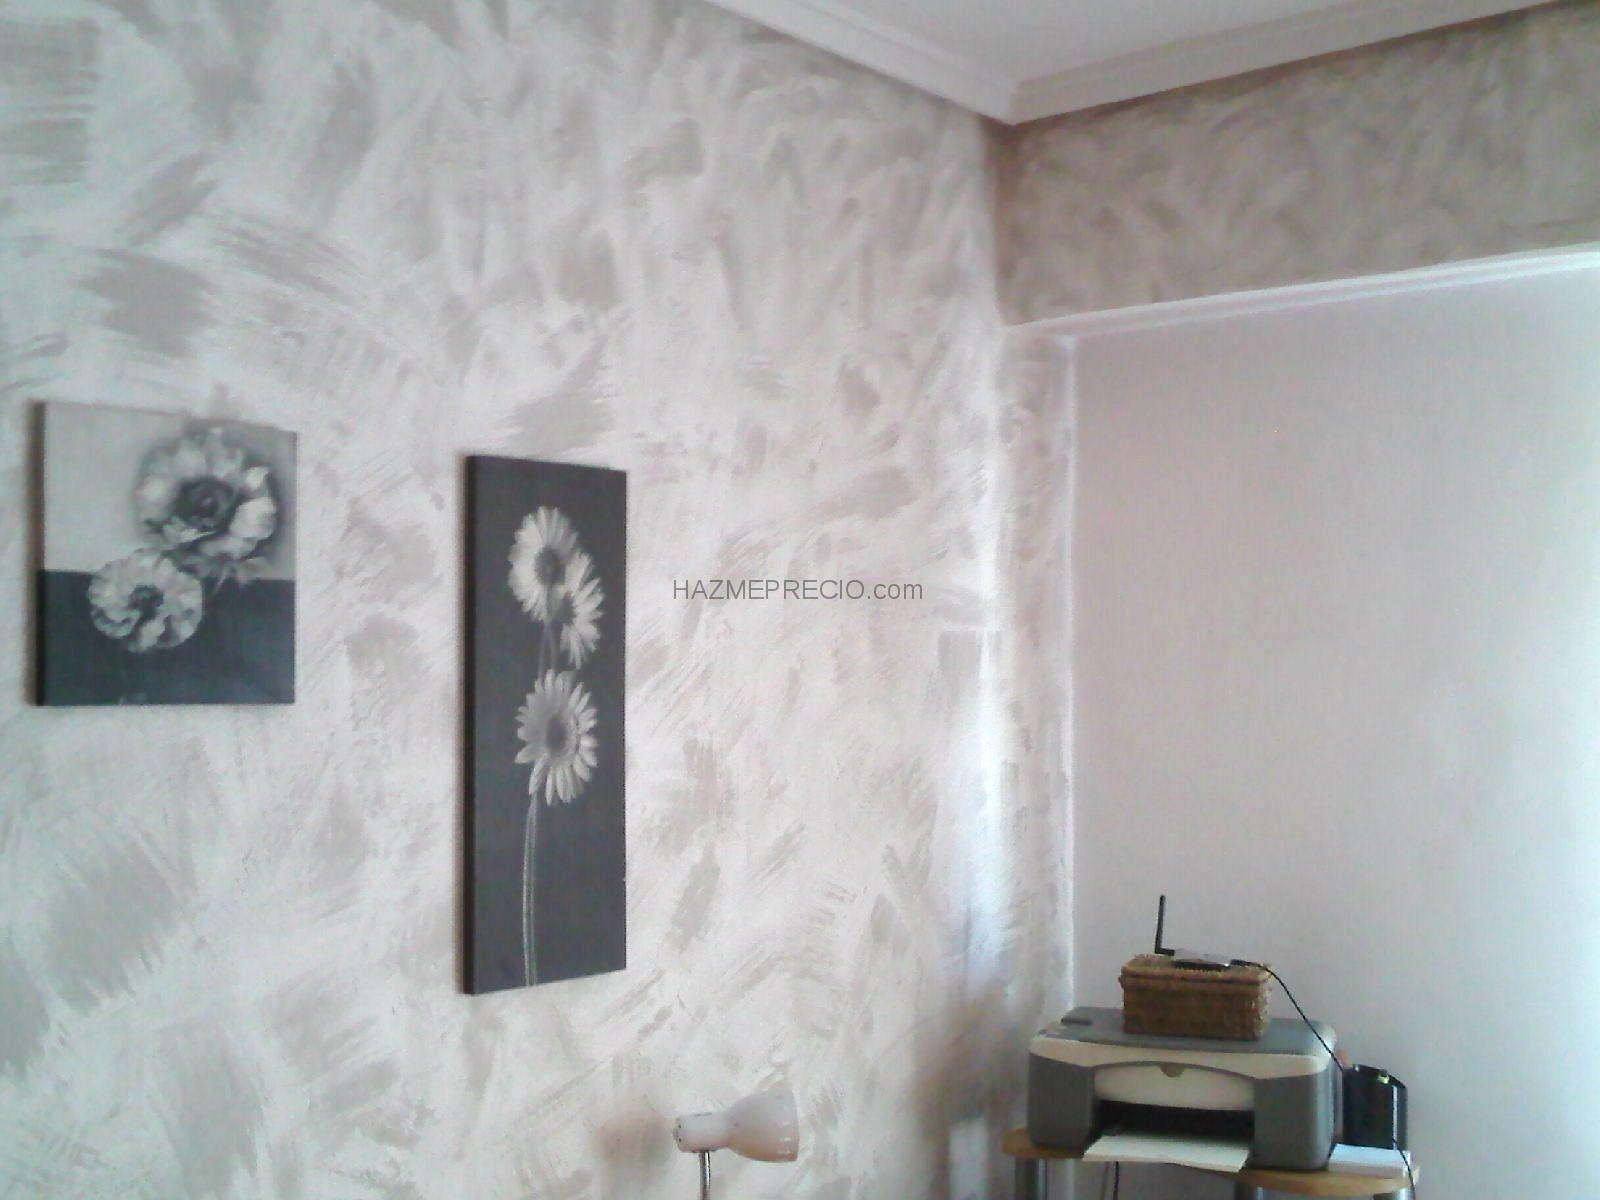 Pinturas decorativas trabajo en habitacion con gotele eliminado de gotele y posterior - Pinturas decorativas paredes ...